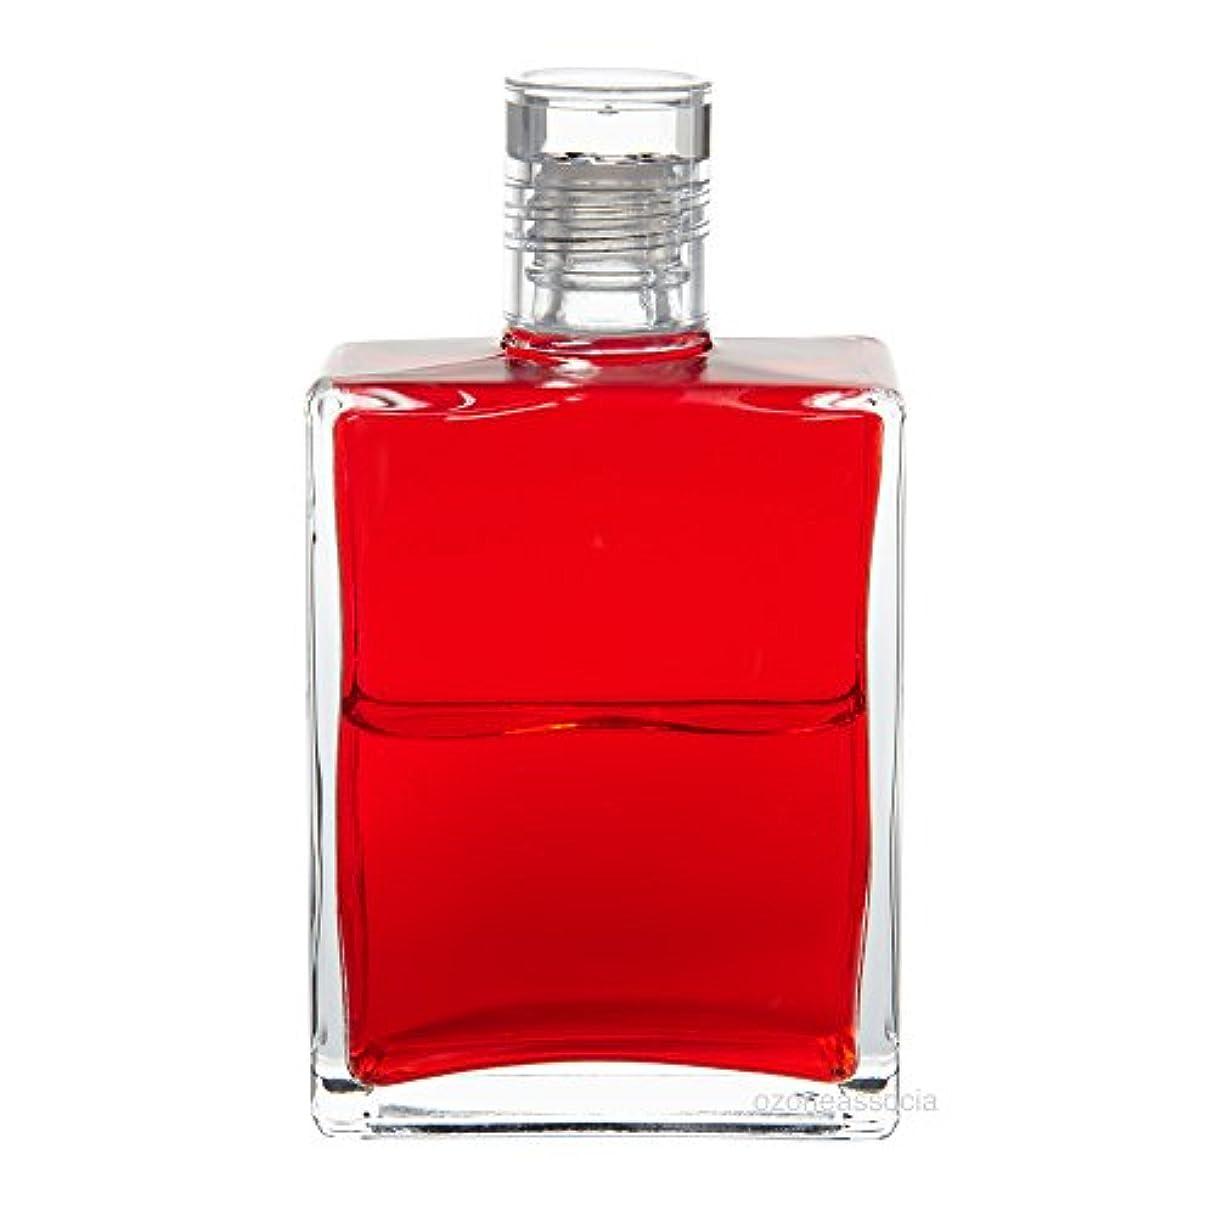 エスカレート告白するそのようなオーラソーマ ボトル 6番  エナジーボトル (レッド/レッド) イクイリブリアムボトル50ml Aurasoma